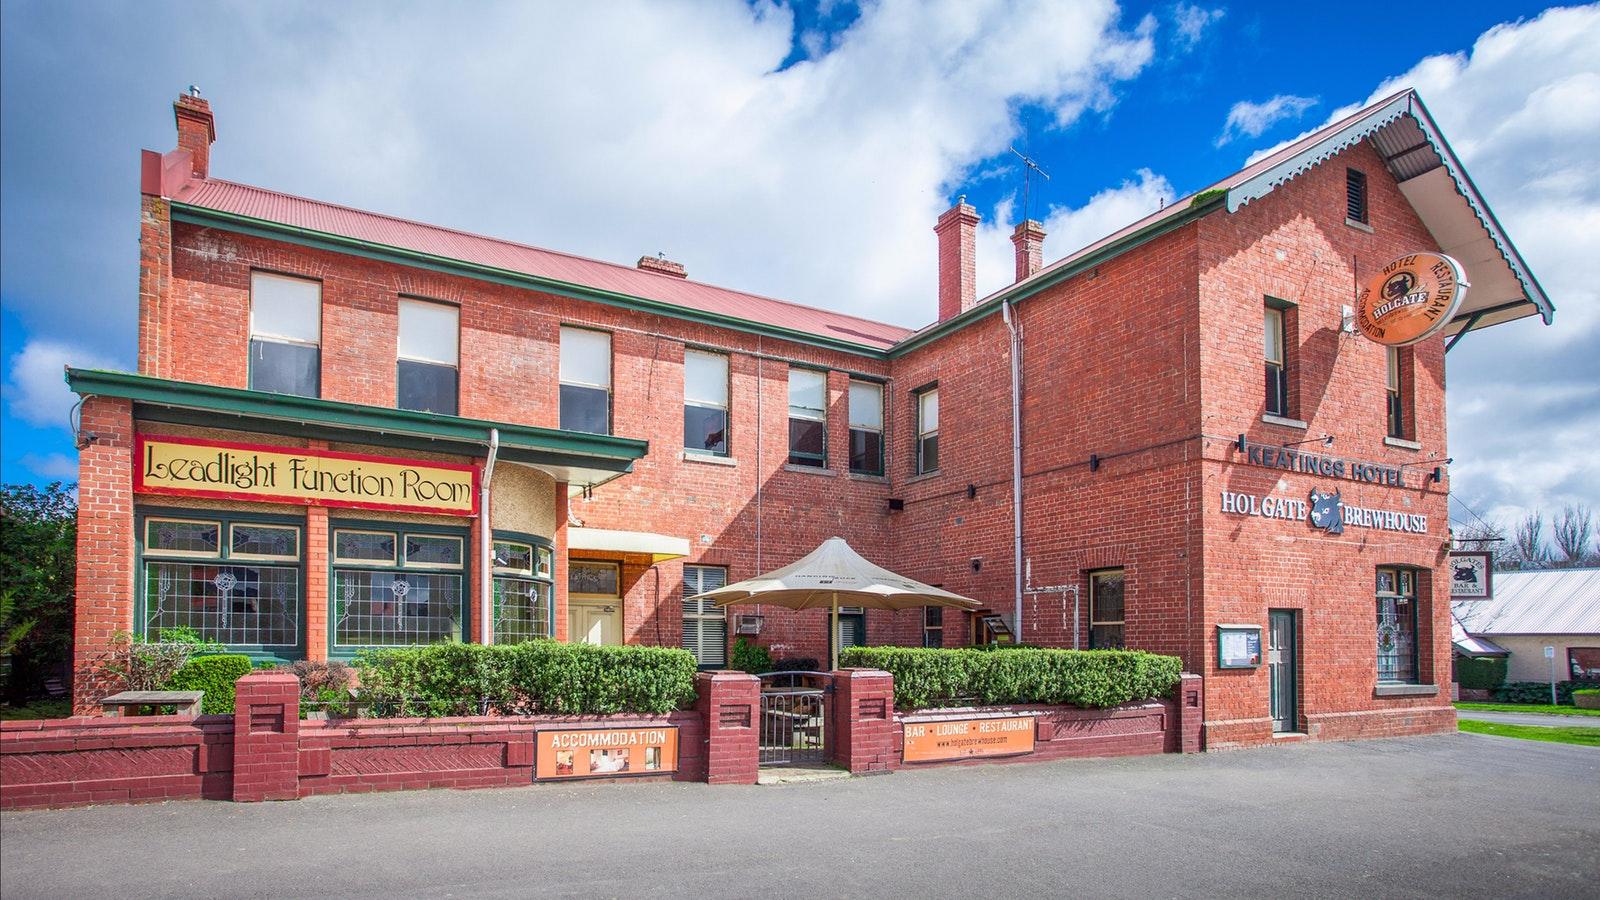 Holgate Brewhouse at Keatings Hotel